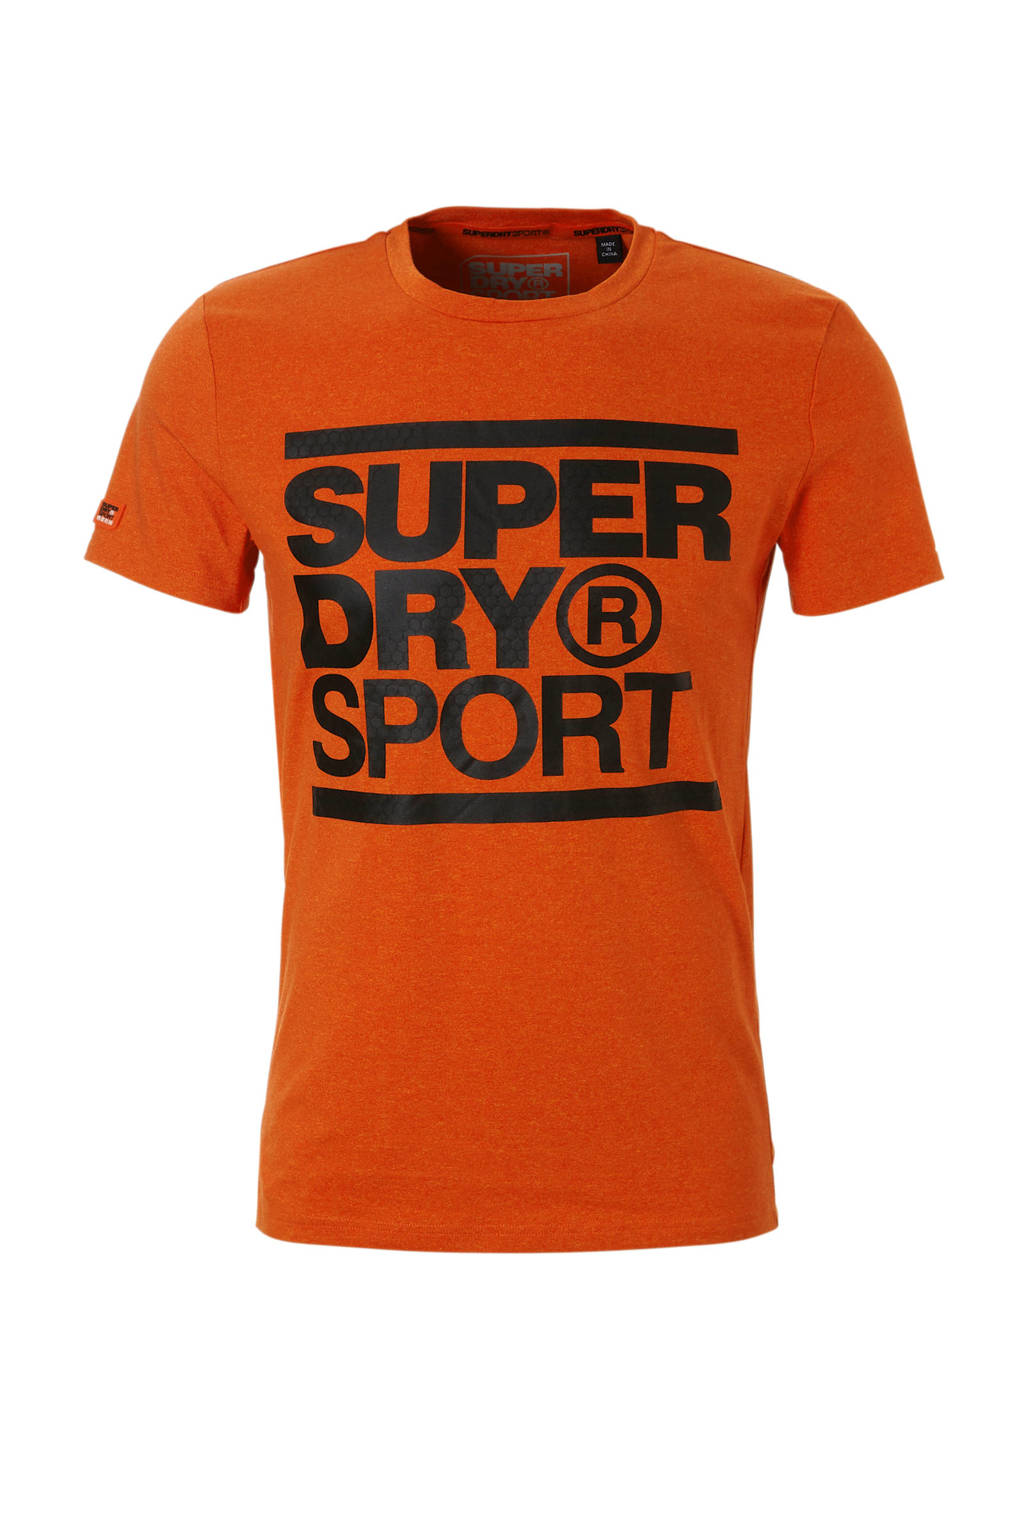 geweldige aanbiedingen anders releasedatum sport T-shirt oranje